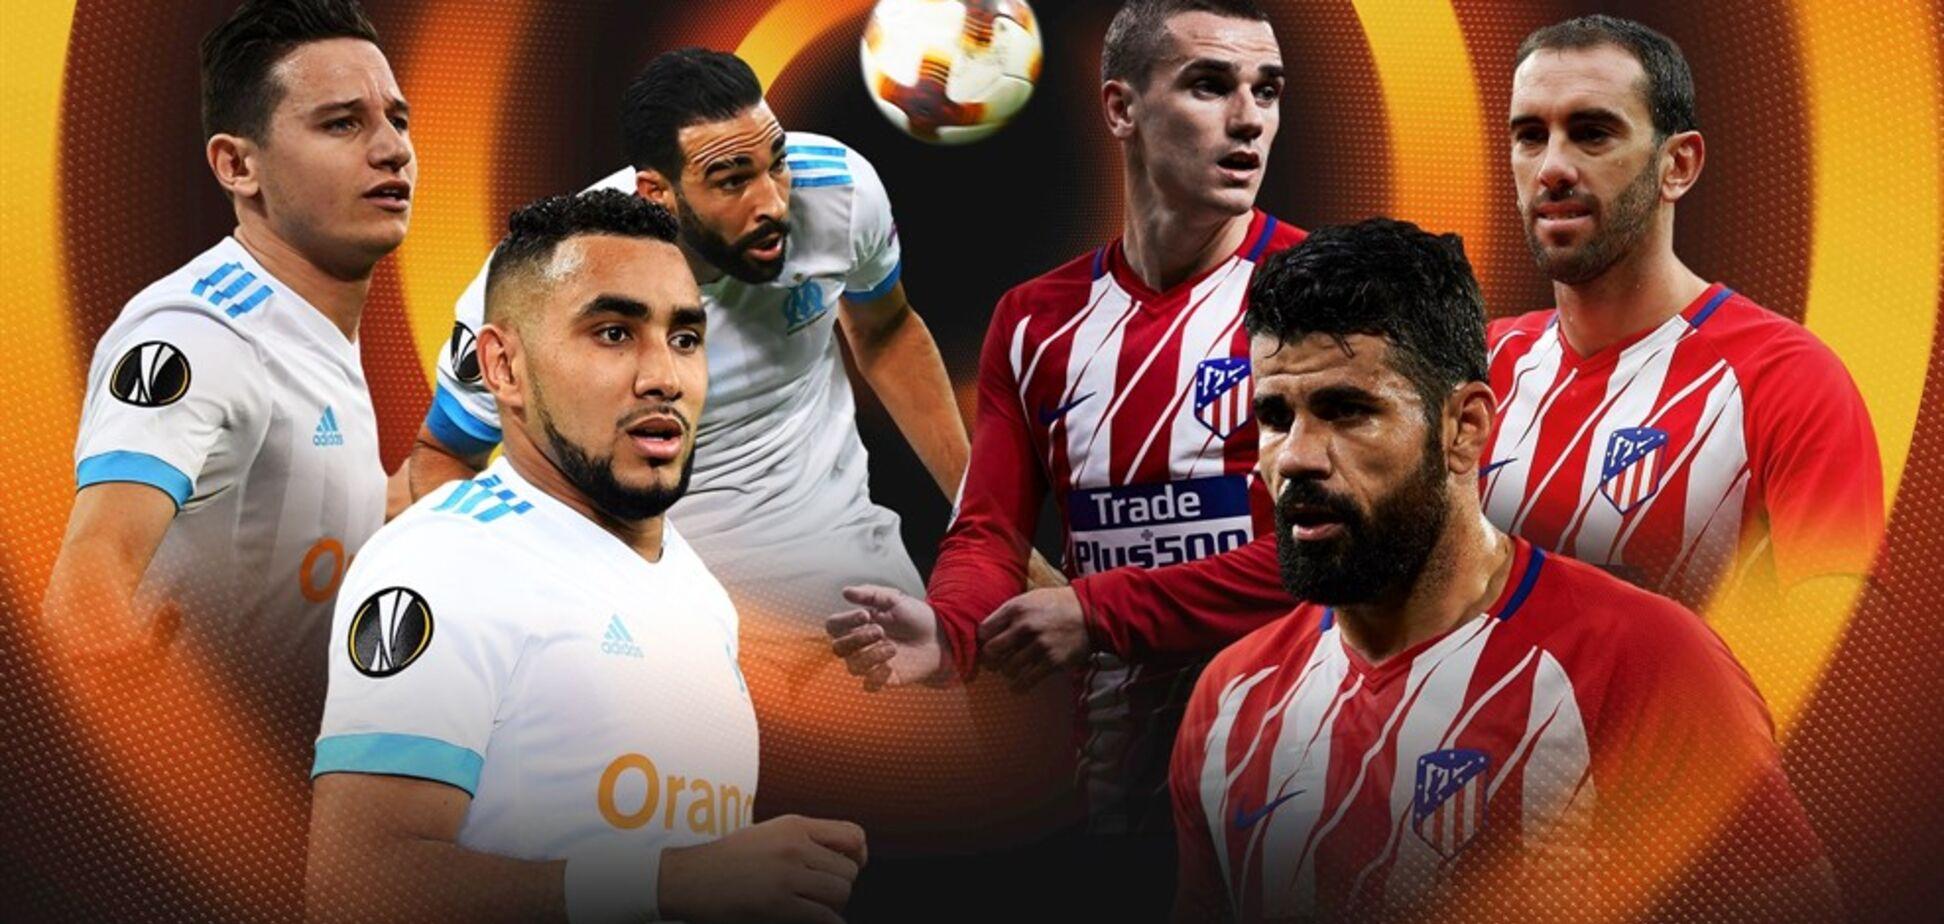 Розпочався другий тайм! Марсель - Атлетико: онлайн-трансляція фінального матчу Ліги Європи